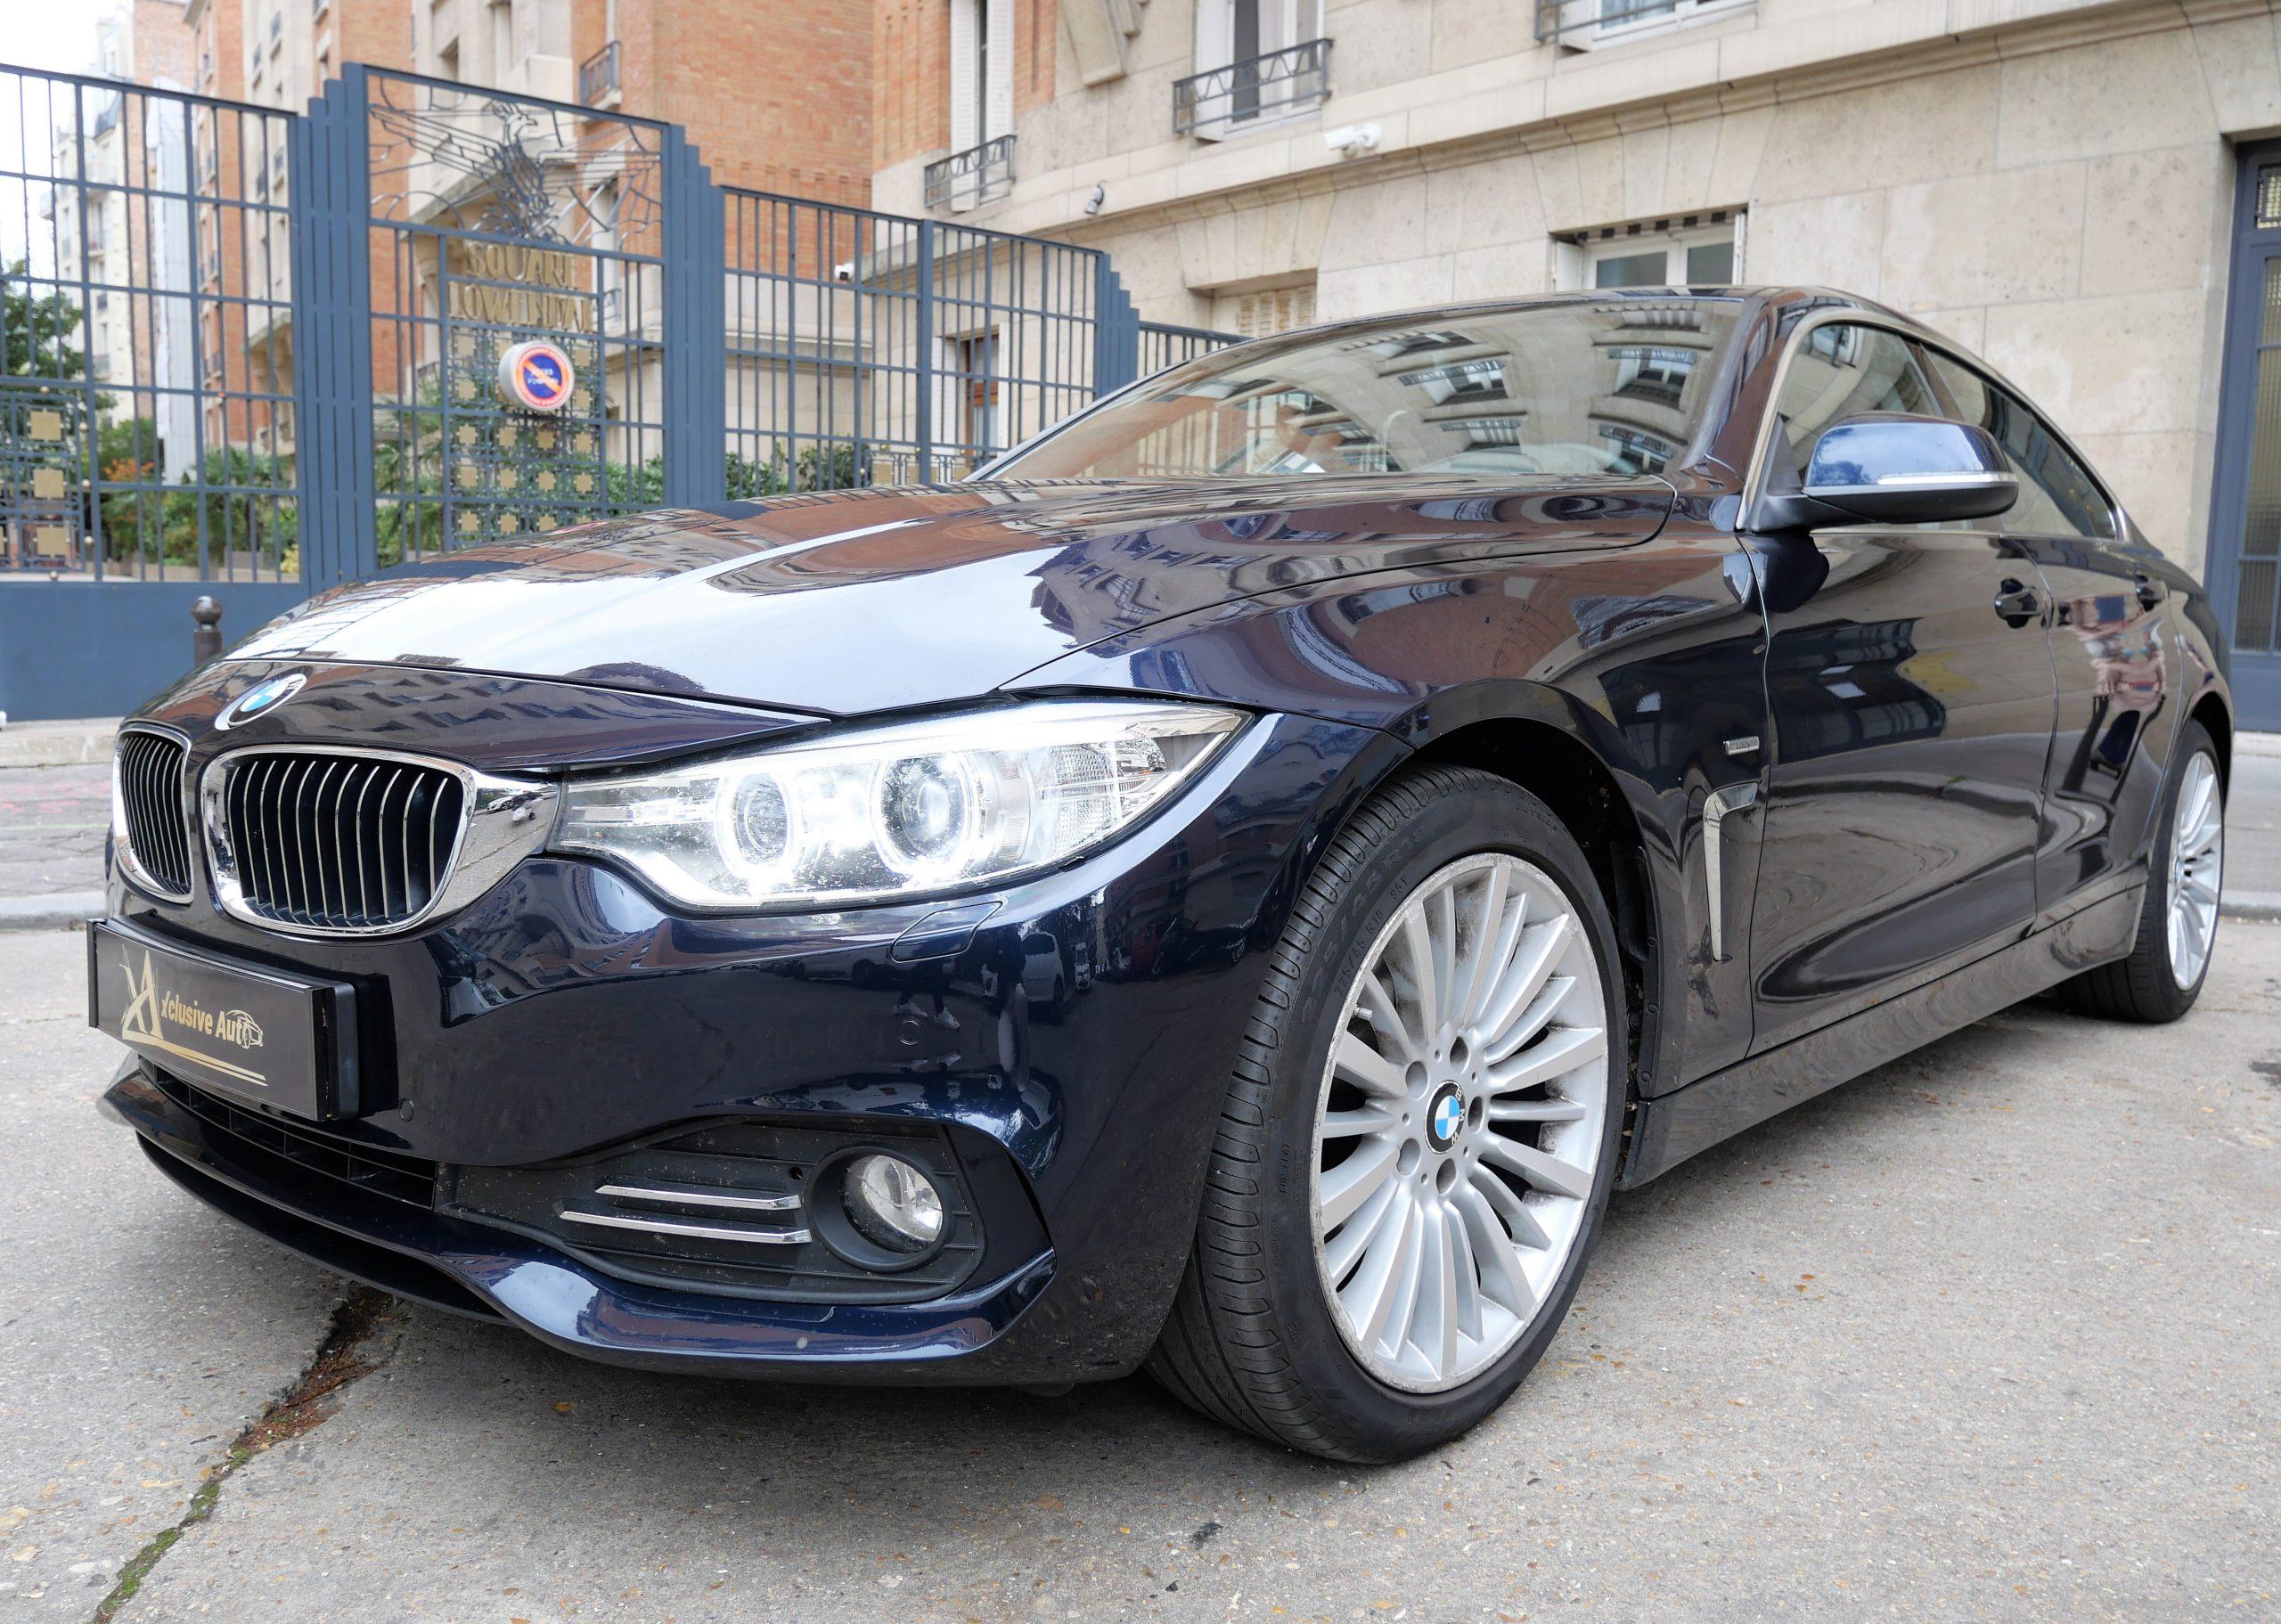 BMW Série 4 (F36) Luxury Gran Coupé 418d 2.0 d 143 ch